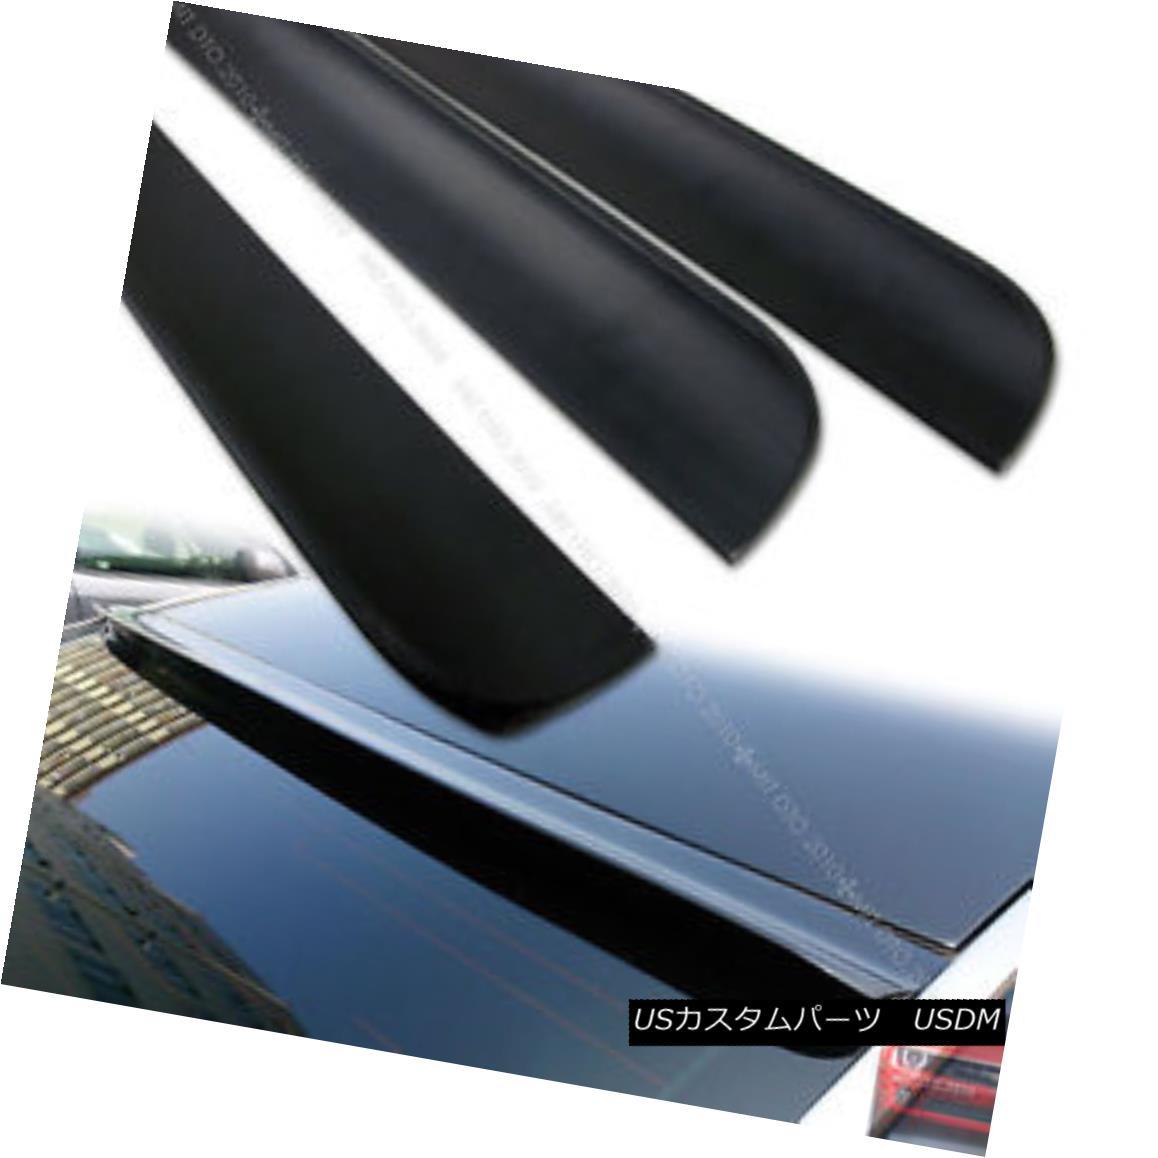 エアロパーツ Unpainted For Dodge Avenger 4DR Sedan Rear Roof Lip Spoiler Window 08-14 § ドッジ・アヴェンジャー4DRセダンリアルーフリップ・スポイラー・ウインドウ08-14◇未塗装